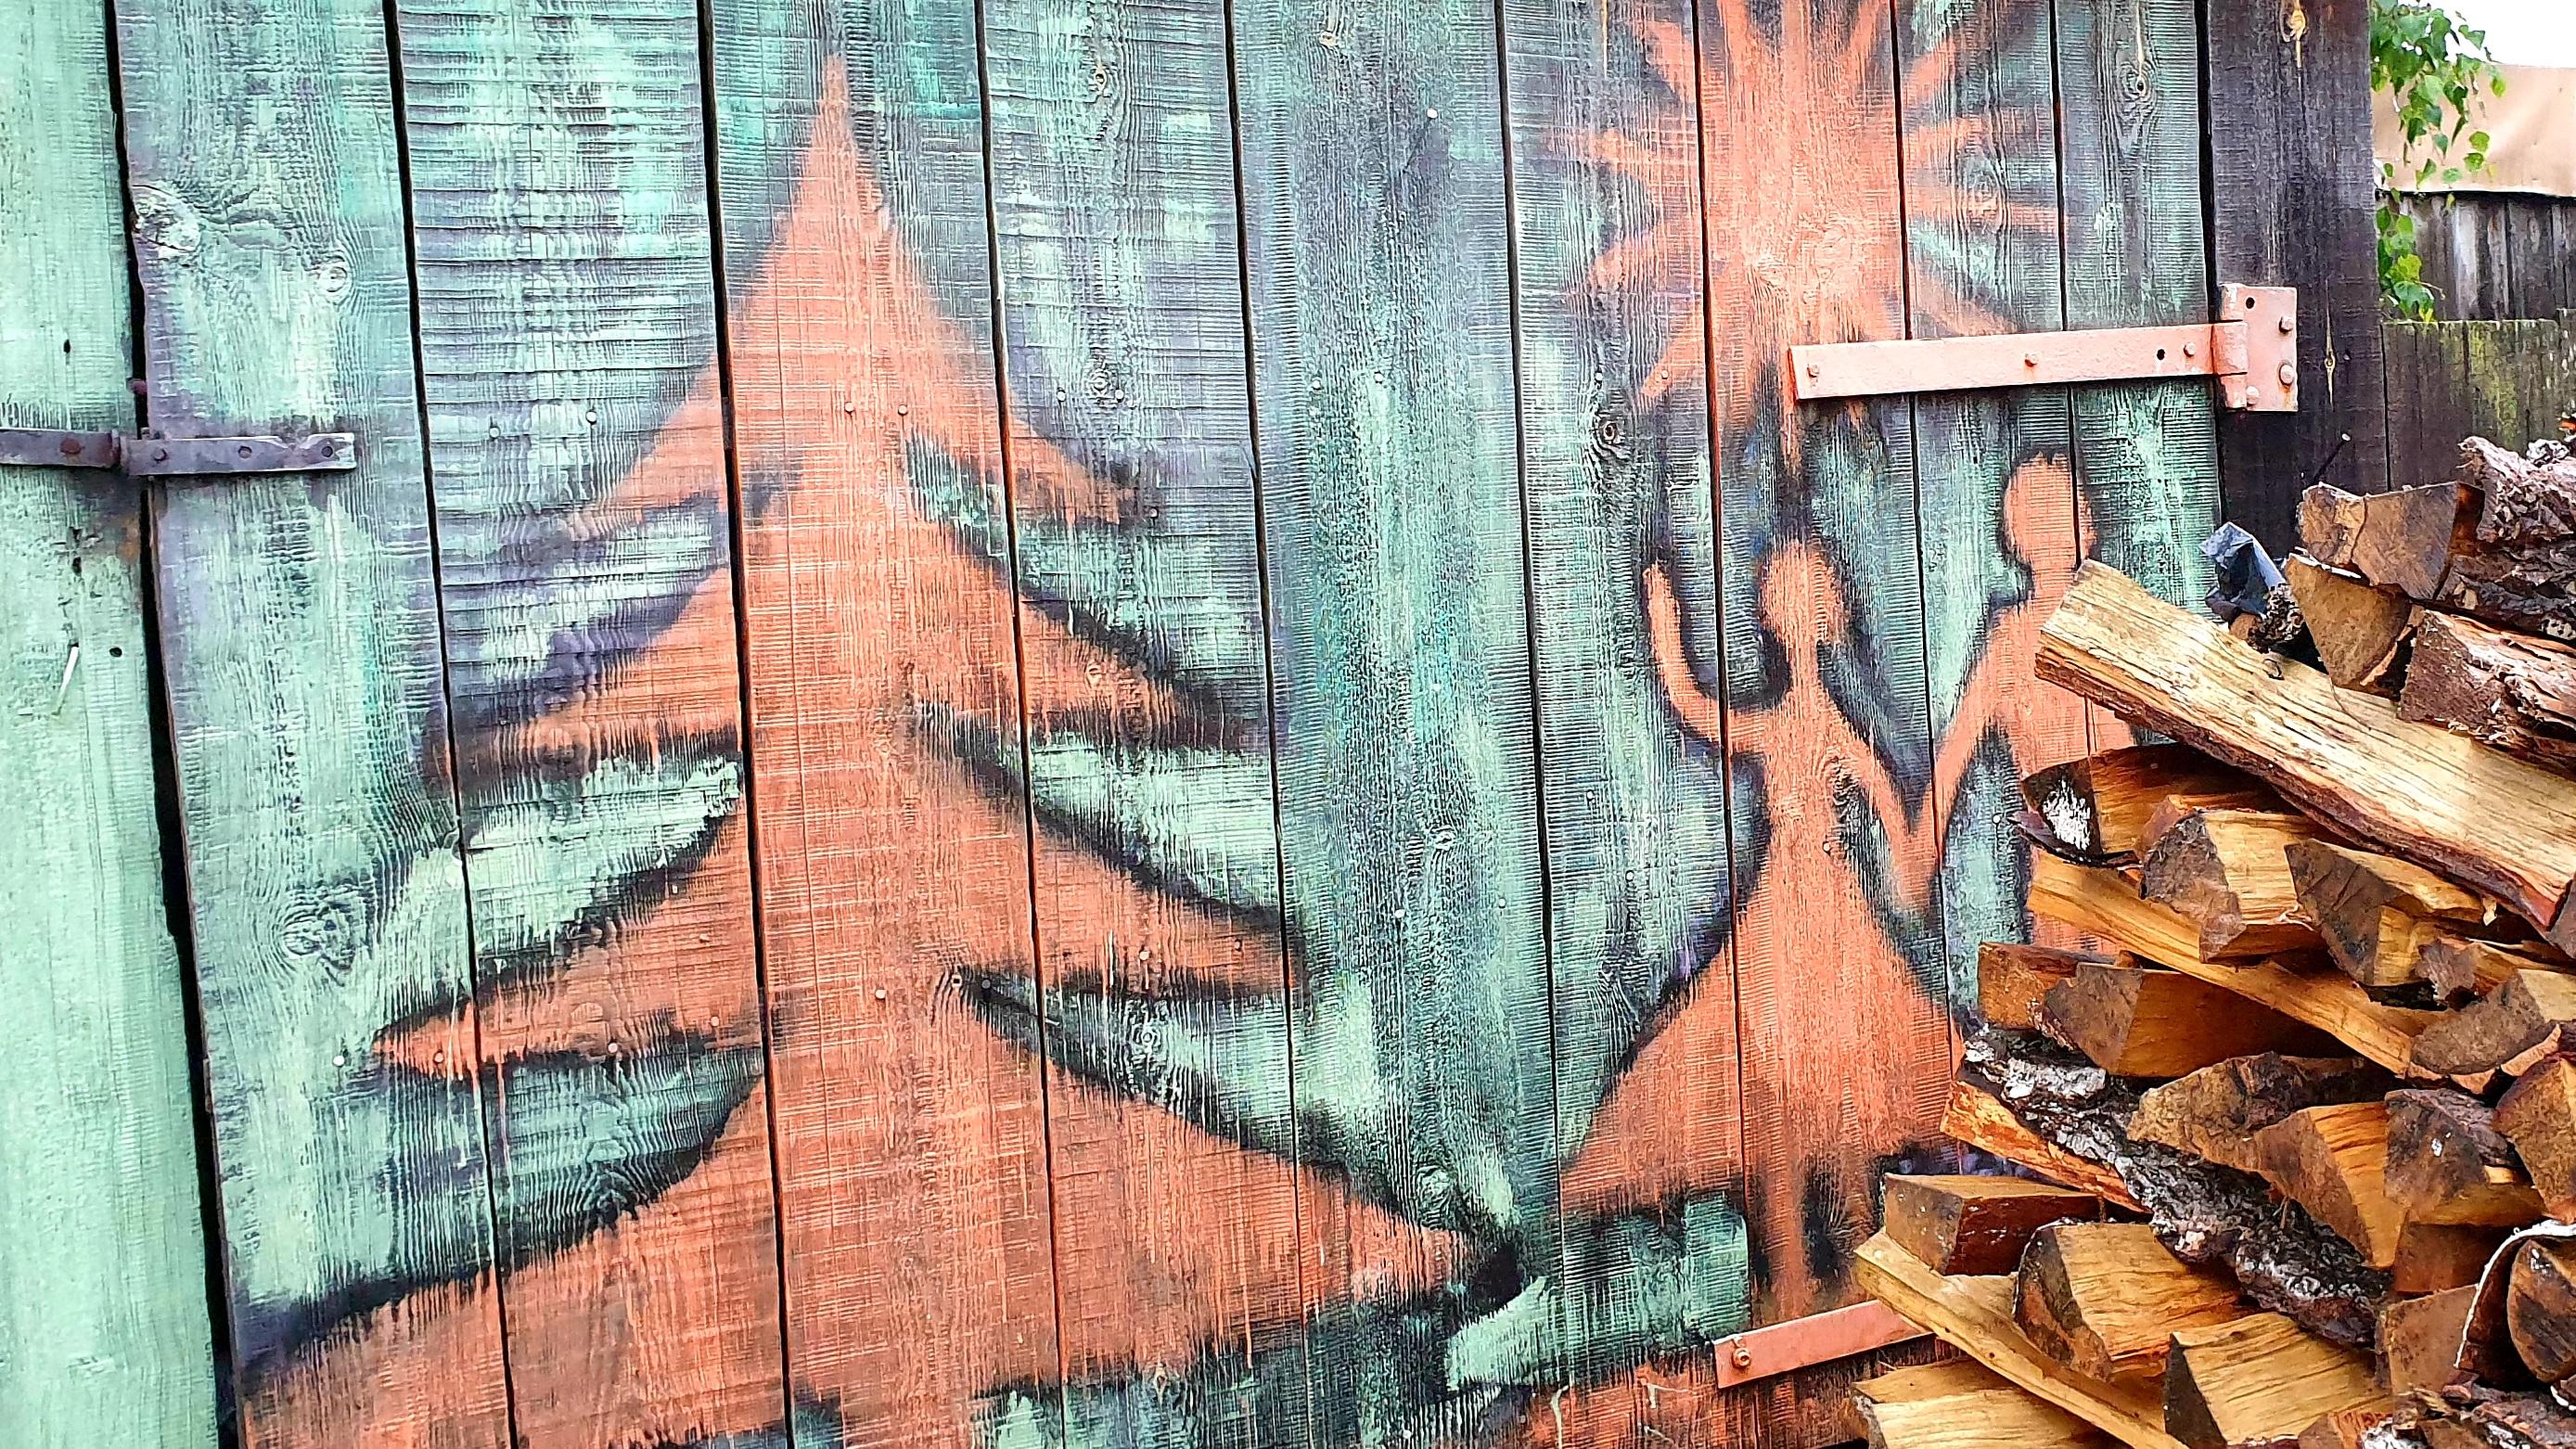 Место для хранения дров, кстати, тоже есть. Красивое пространство, как считаете? Пишите в комментариях